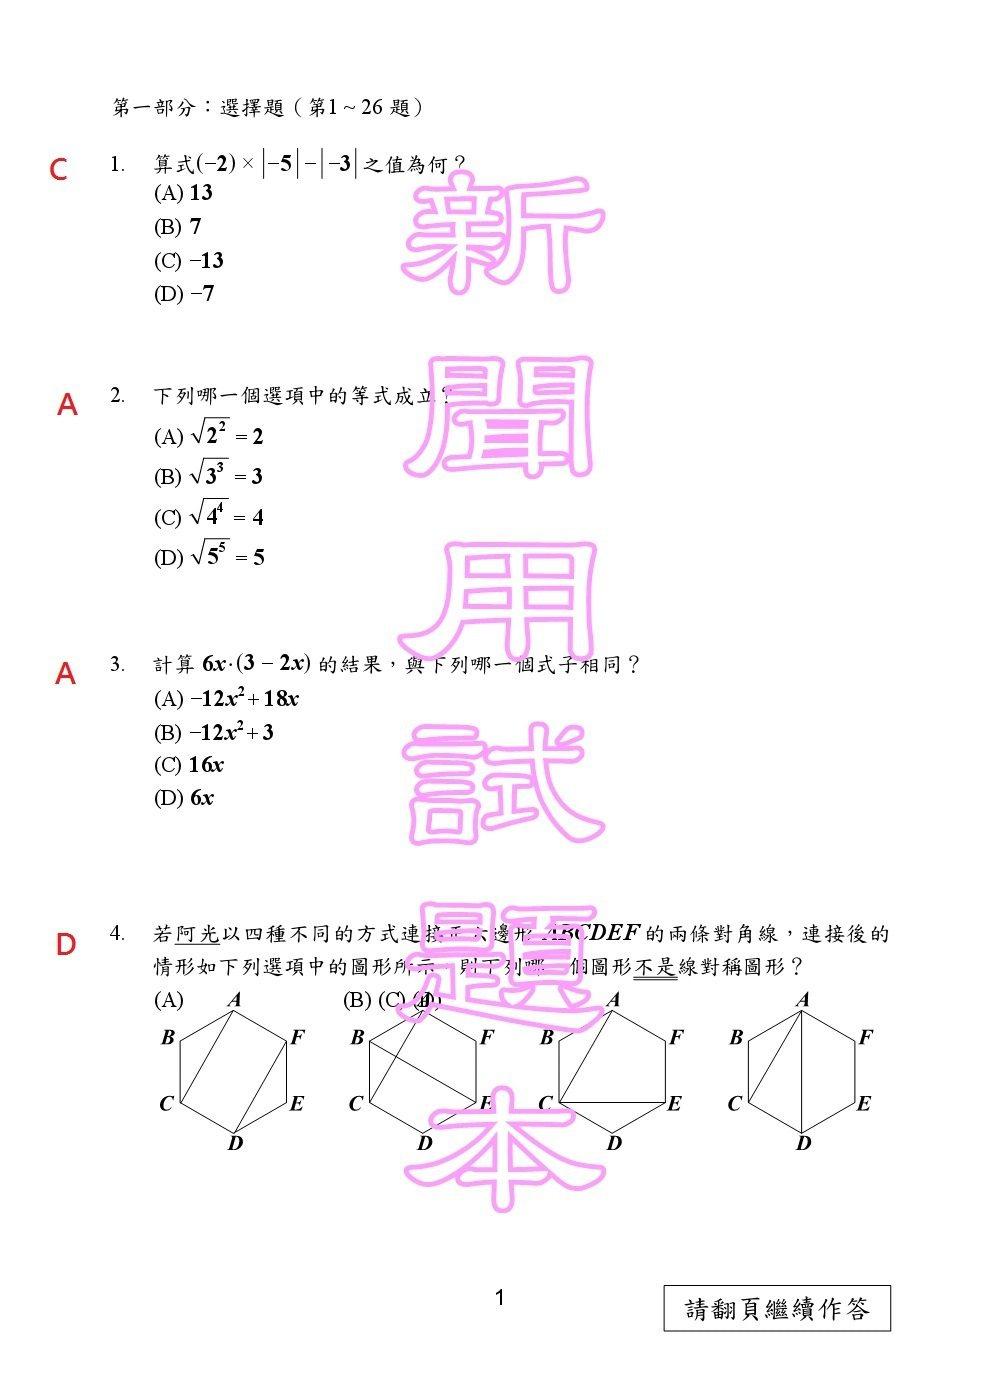 106年國中會考數學科完整試題及解答